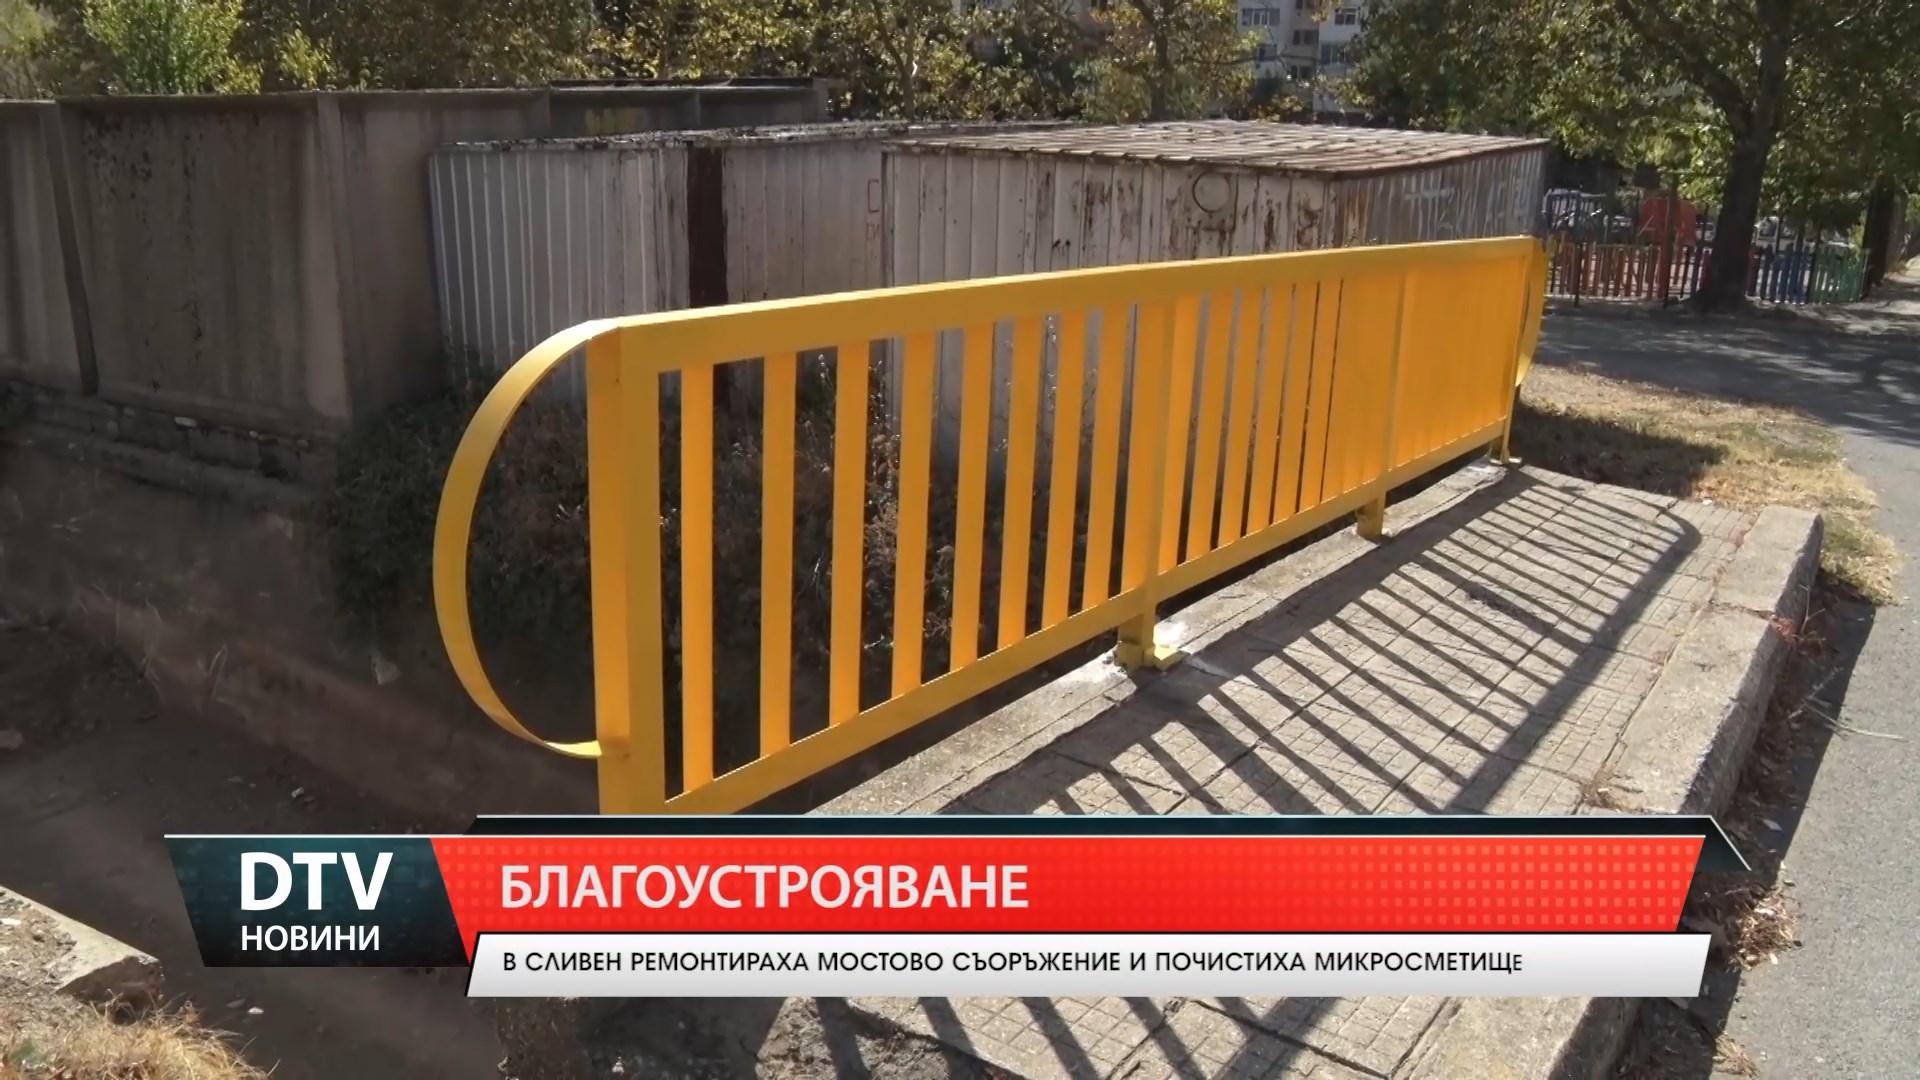 В Сливен ремонтираха мост и почистиха микросметище